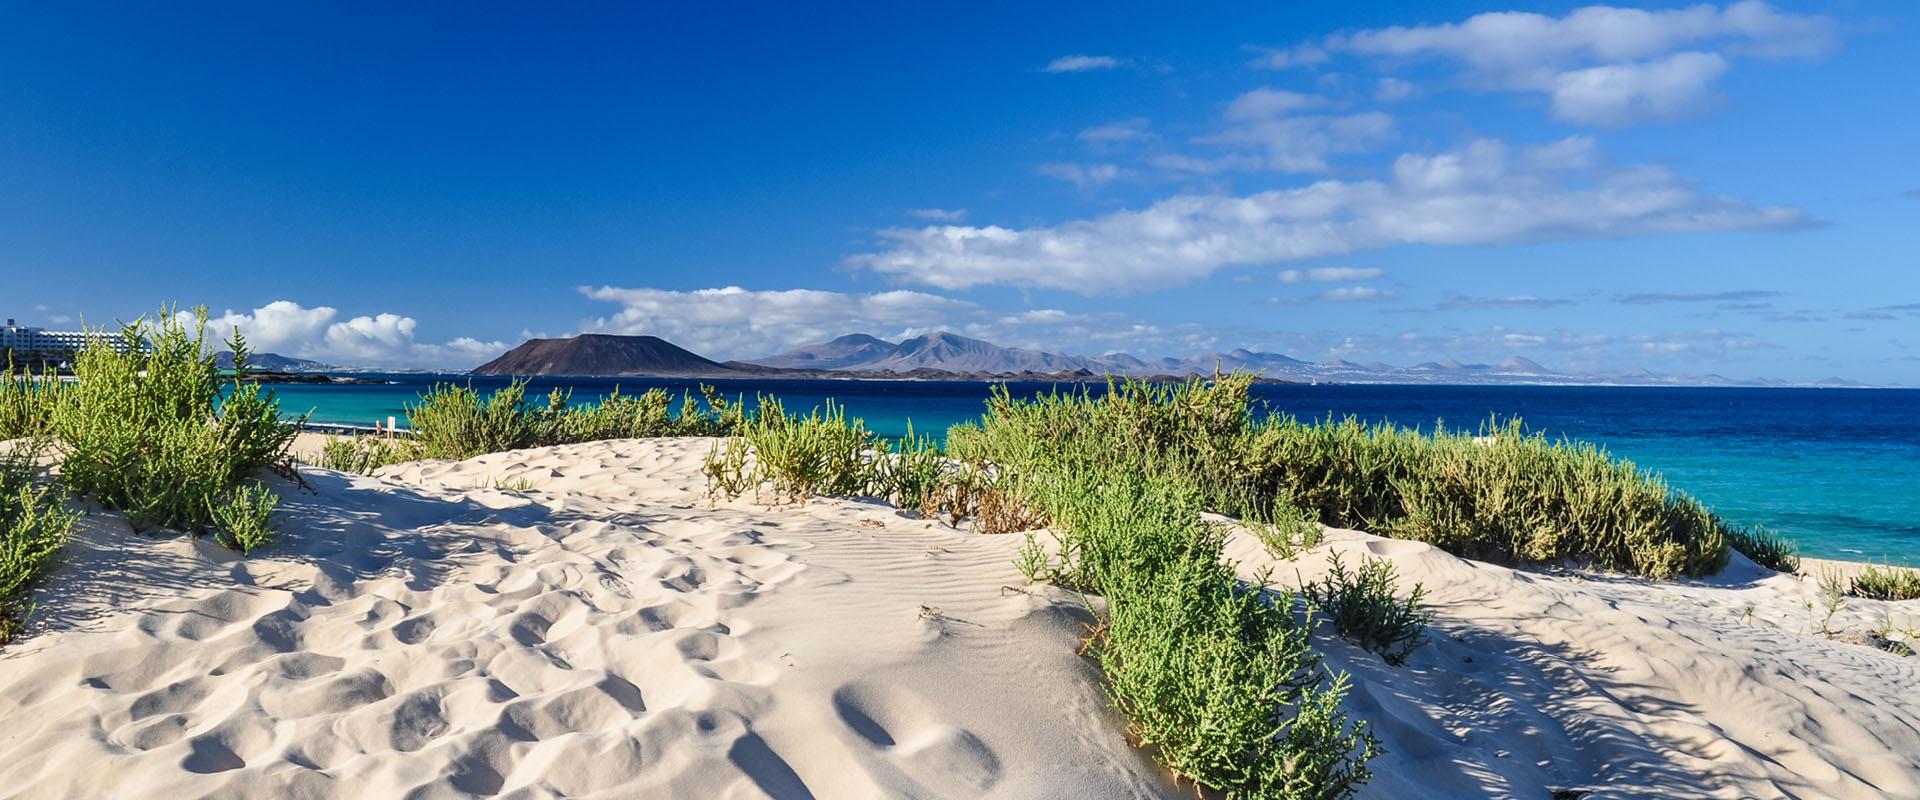 Las mejores playas de Canarias para visitar este verano